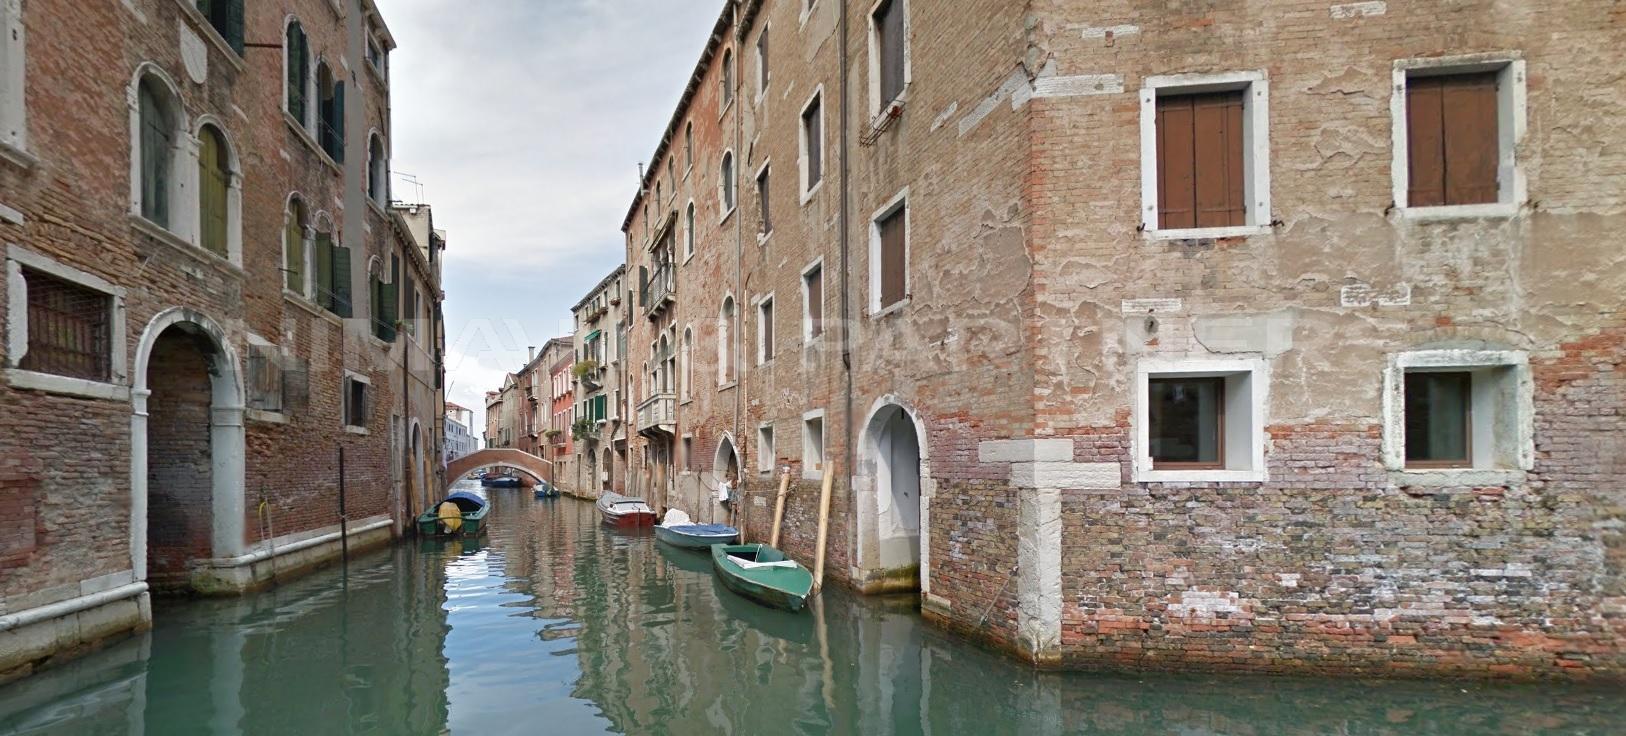 Bilocale Venezia  3